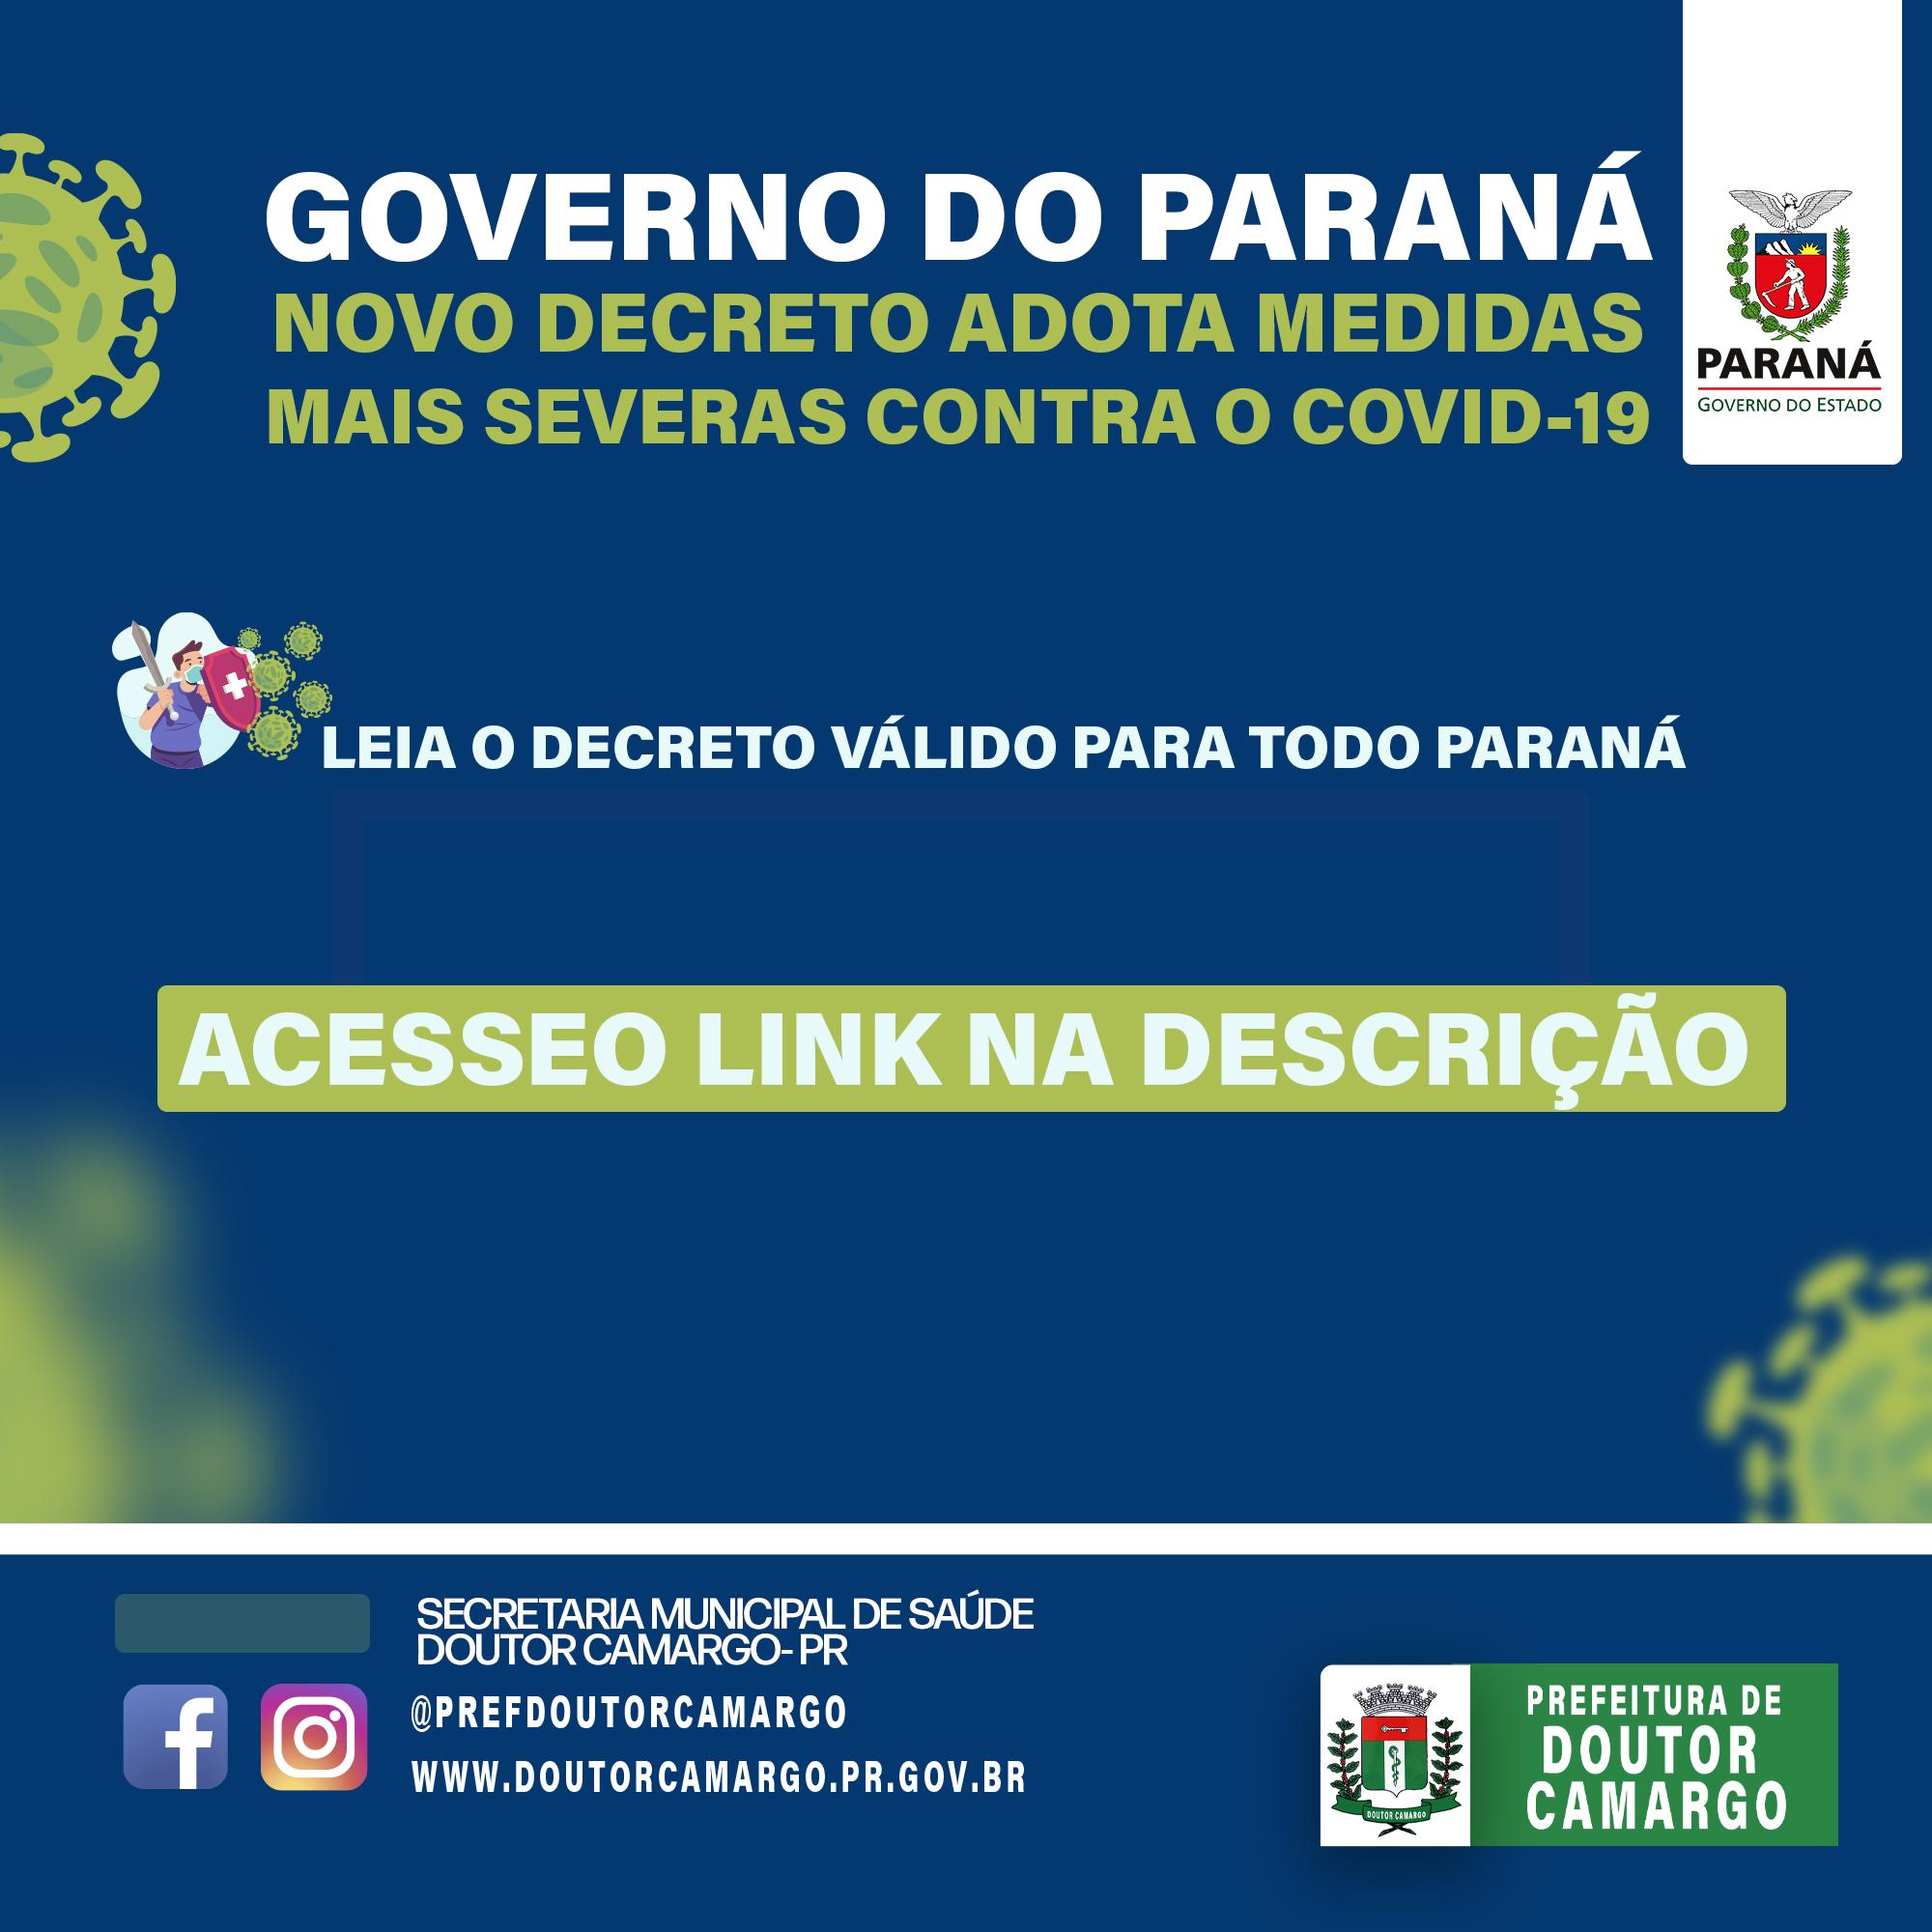 GOVERNO DO ESTADO PUBLICOU NOVO DECRETO!